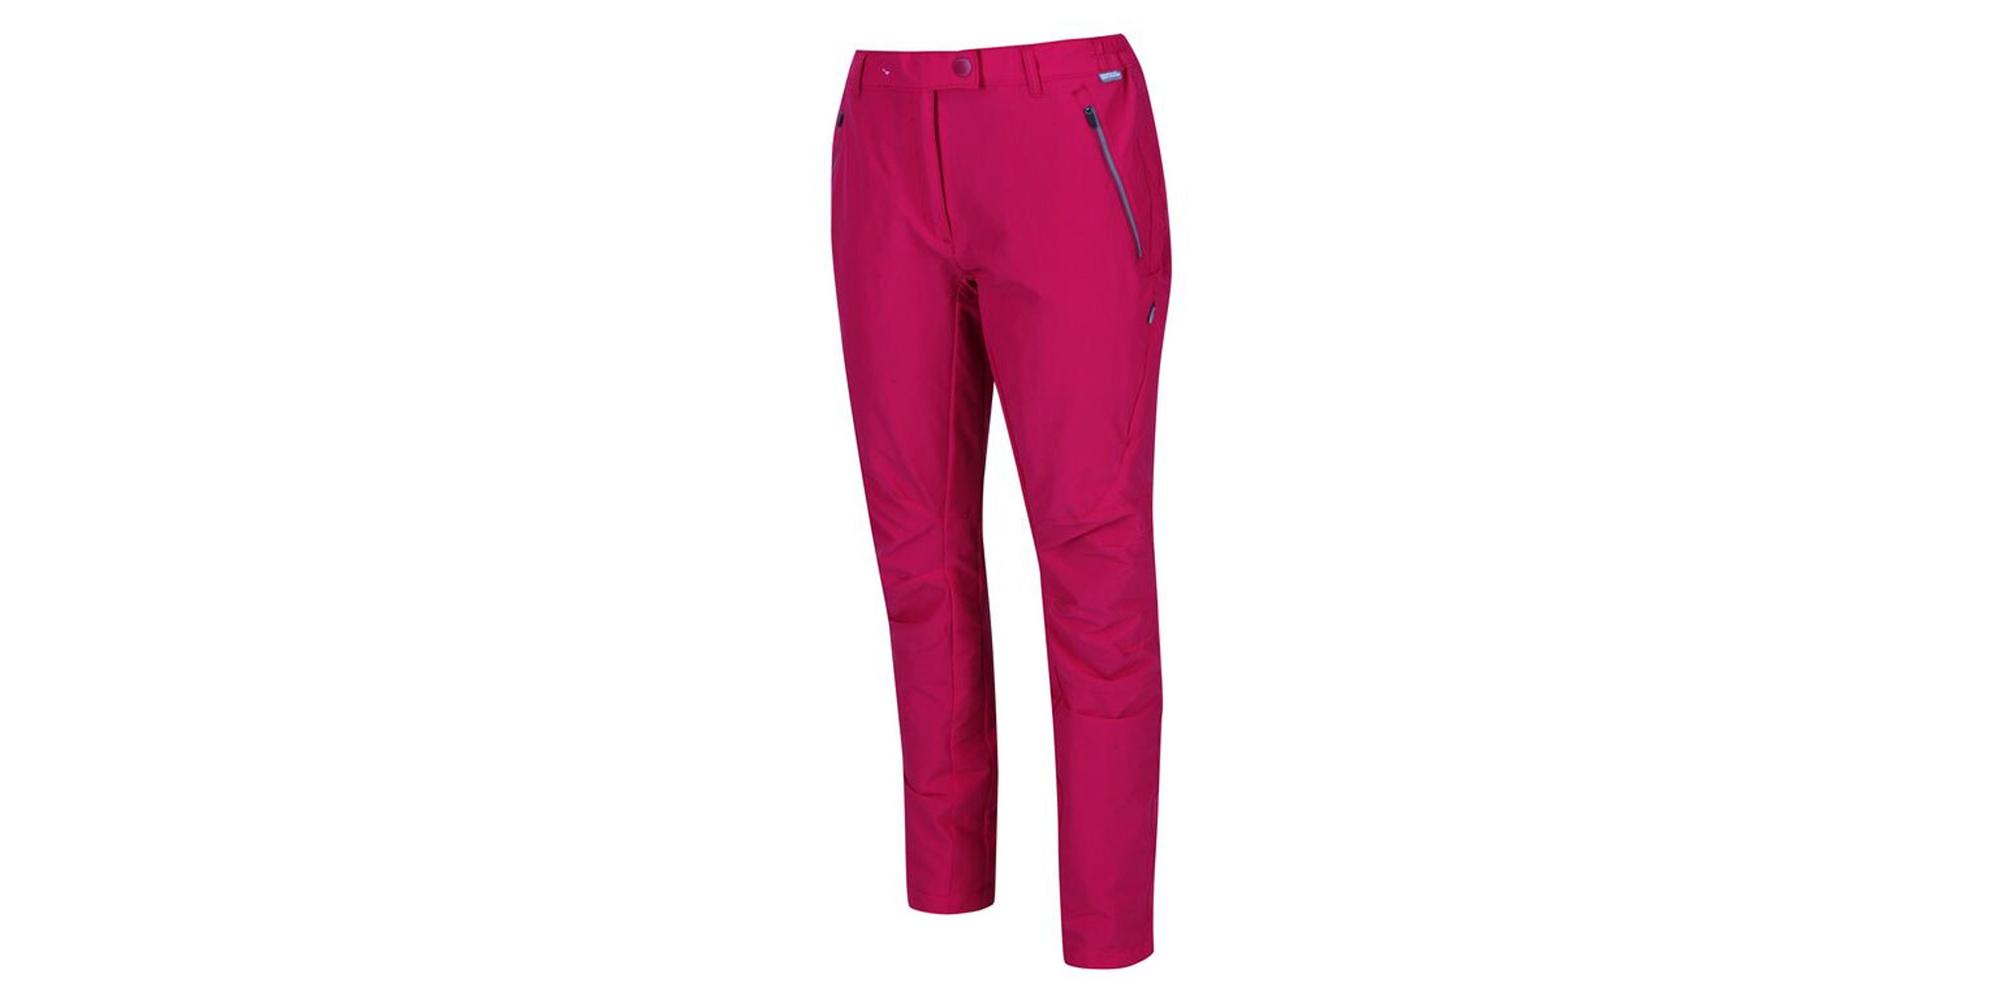 Dámské kalhoty Wms Highton Trs Regatta